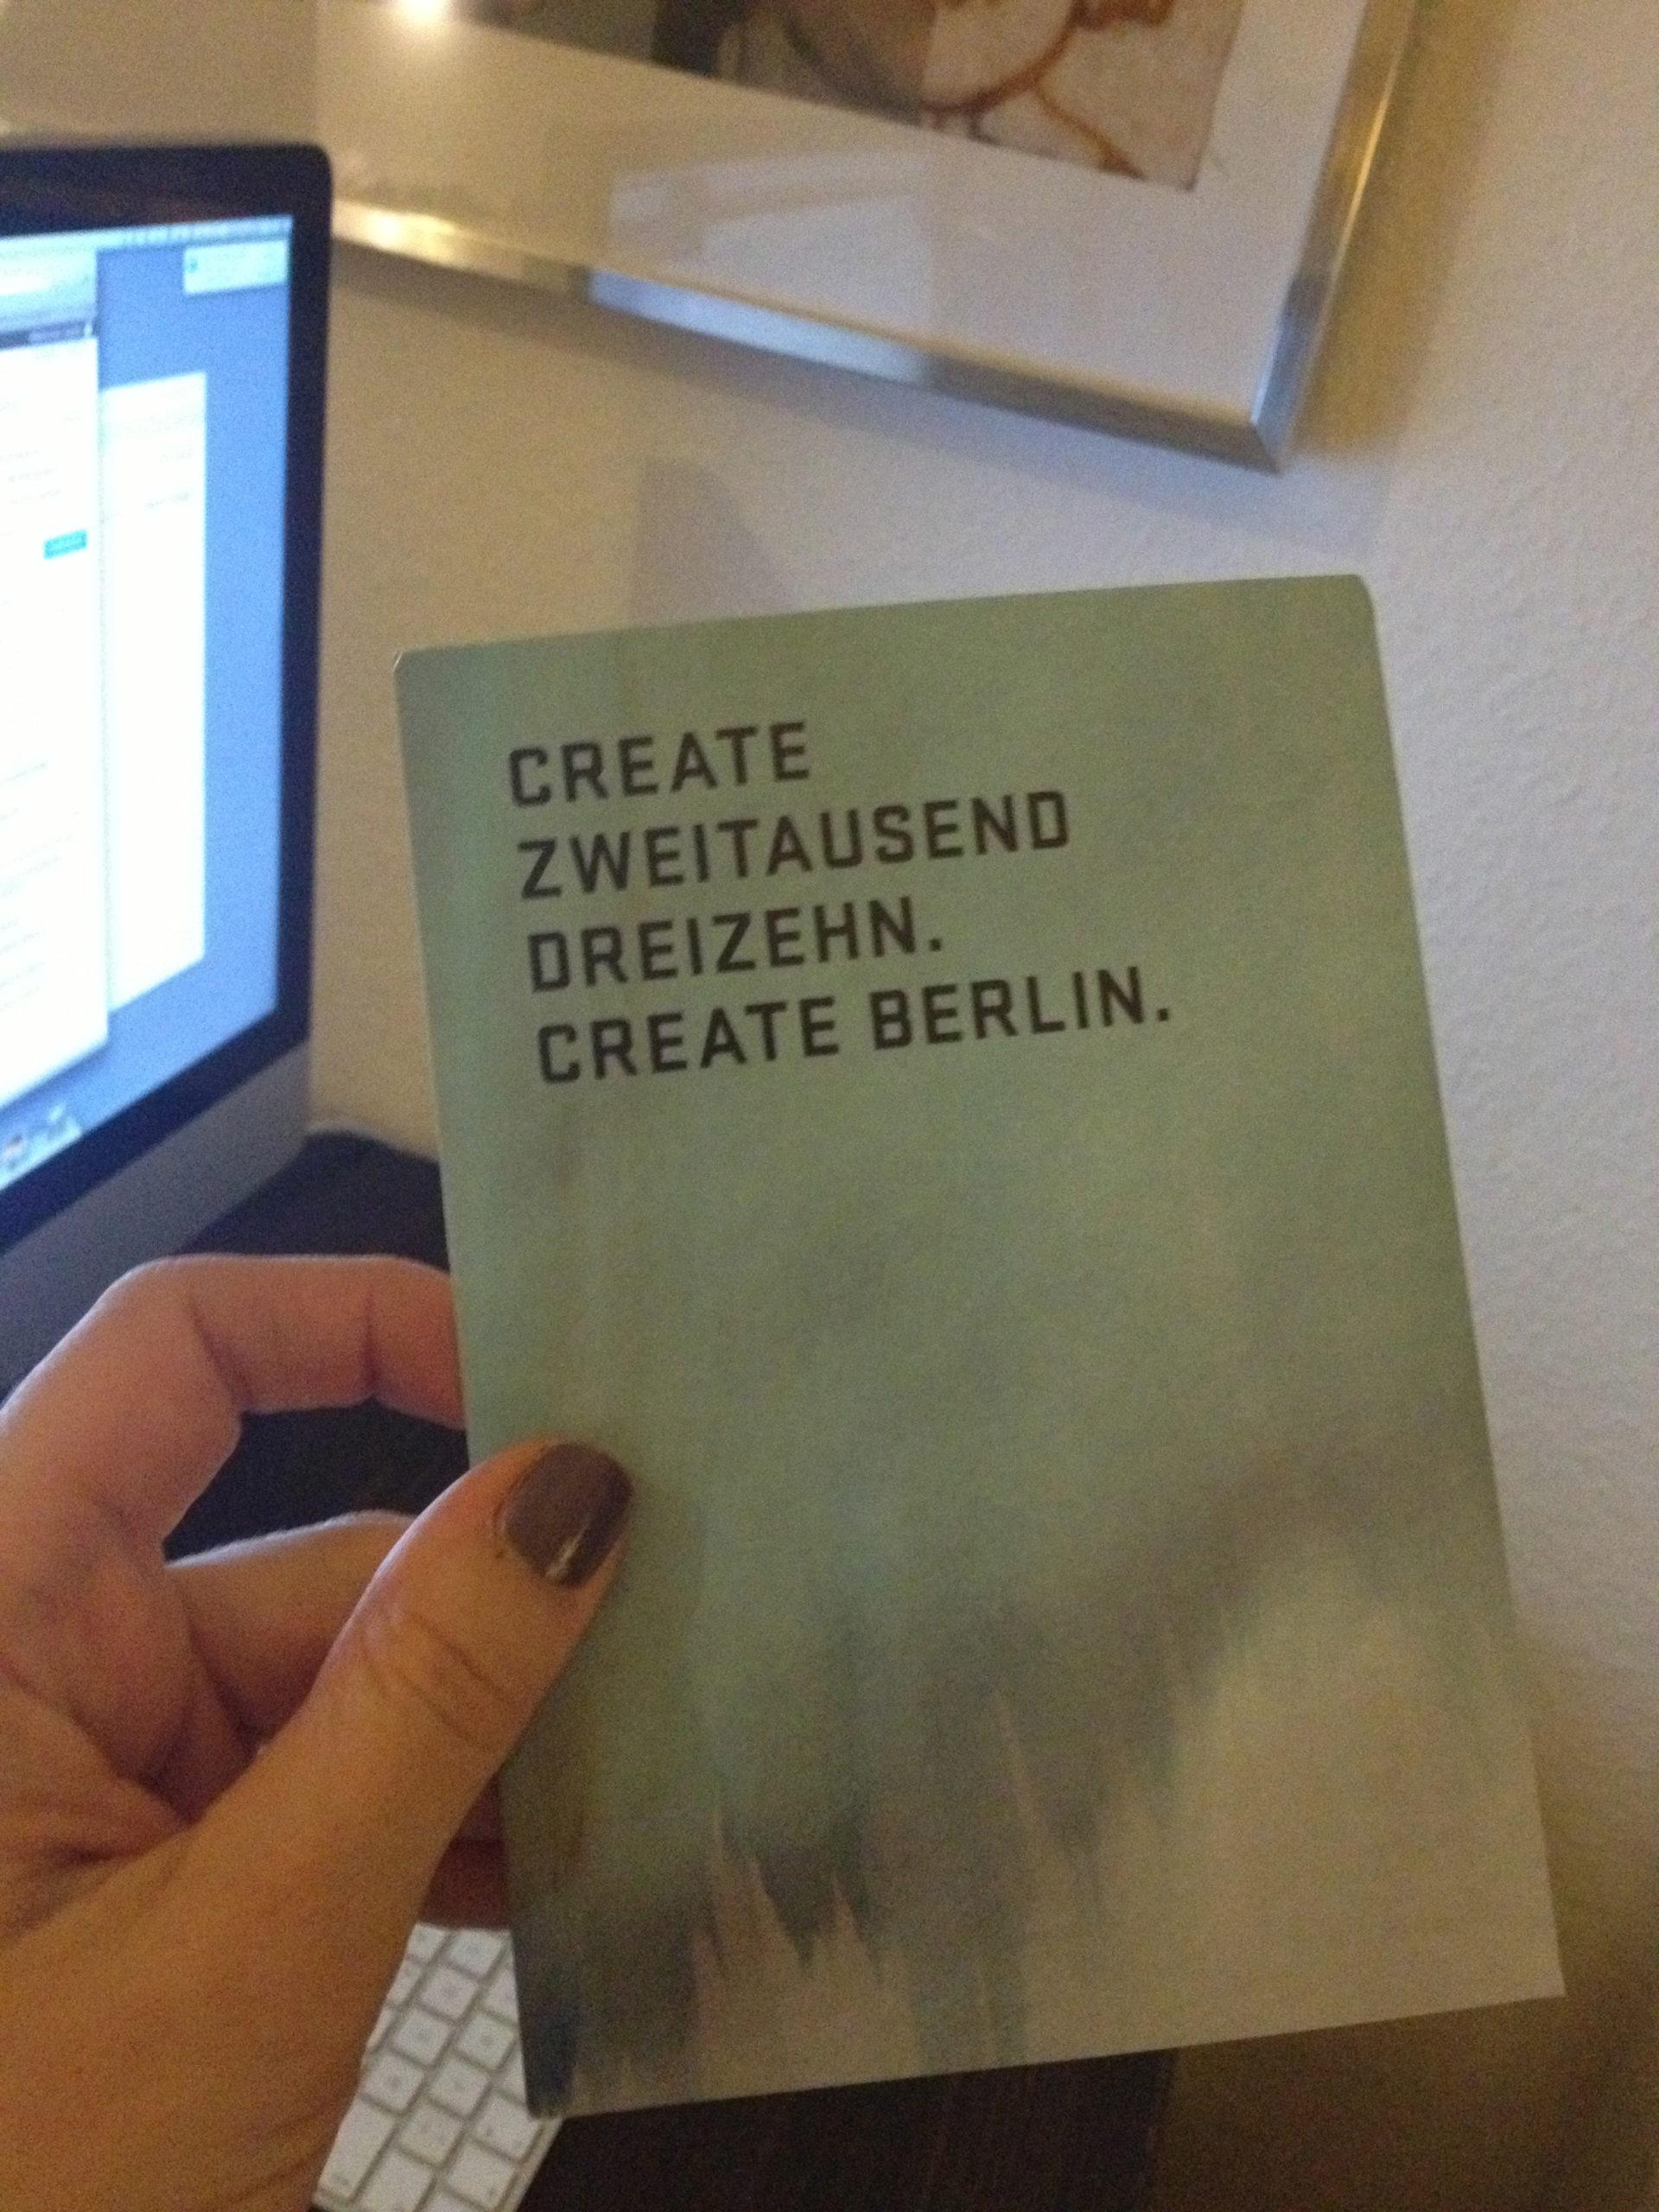 Werbepostkarte von Create Berlin